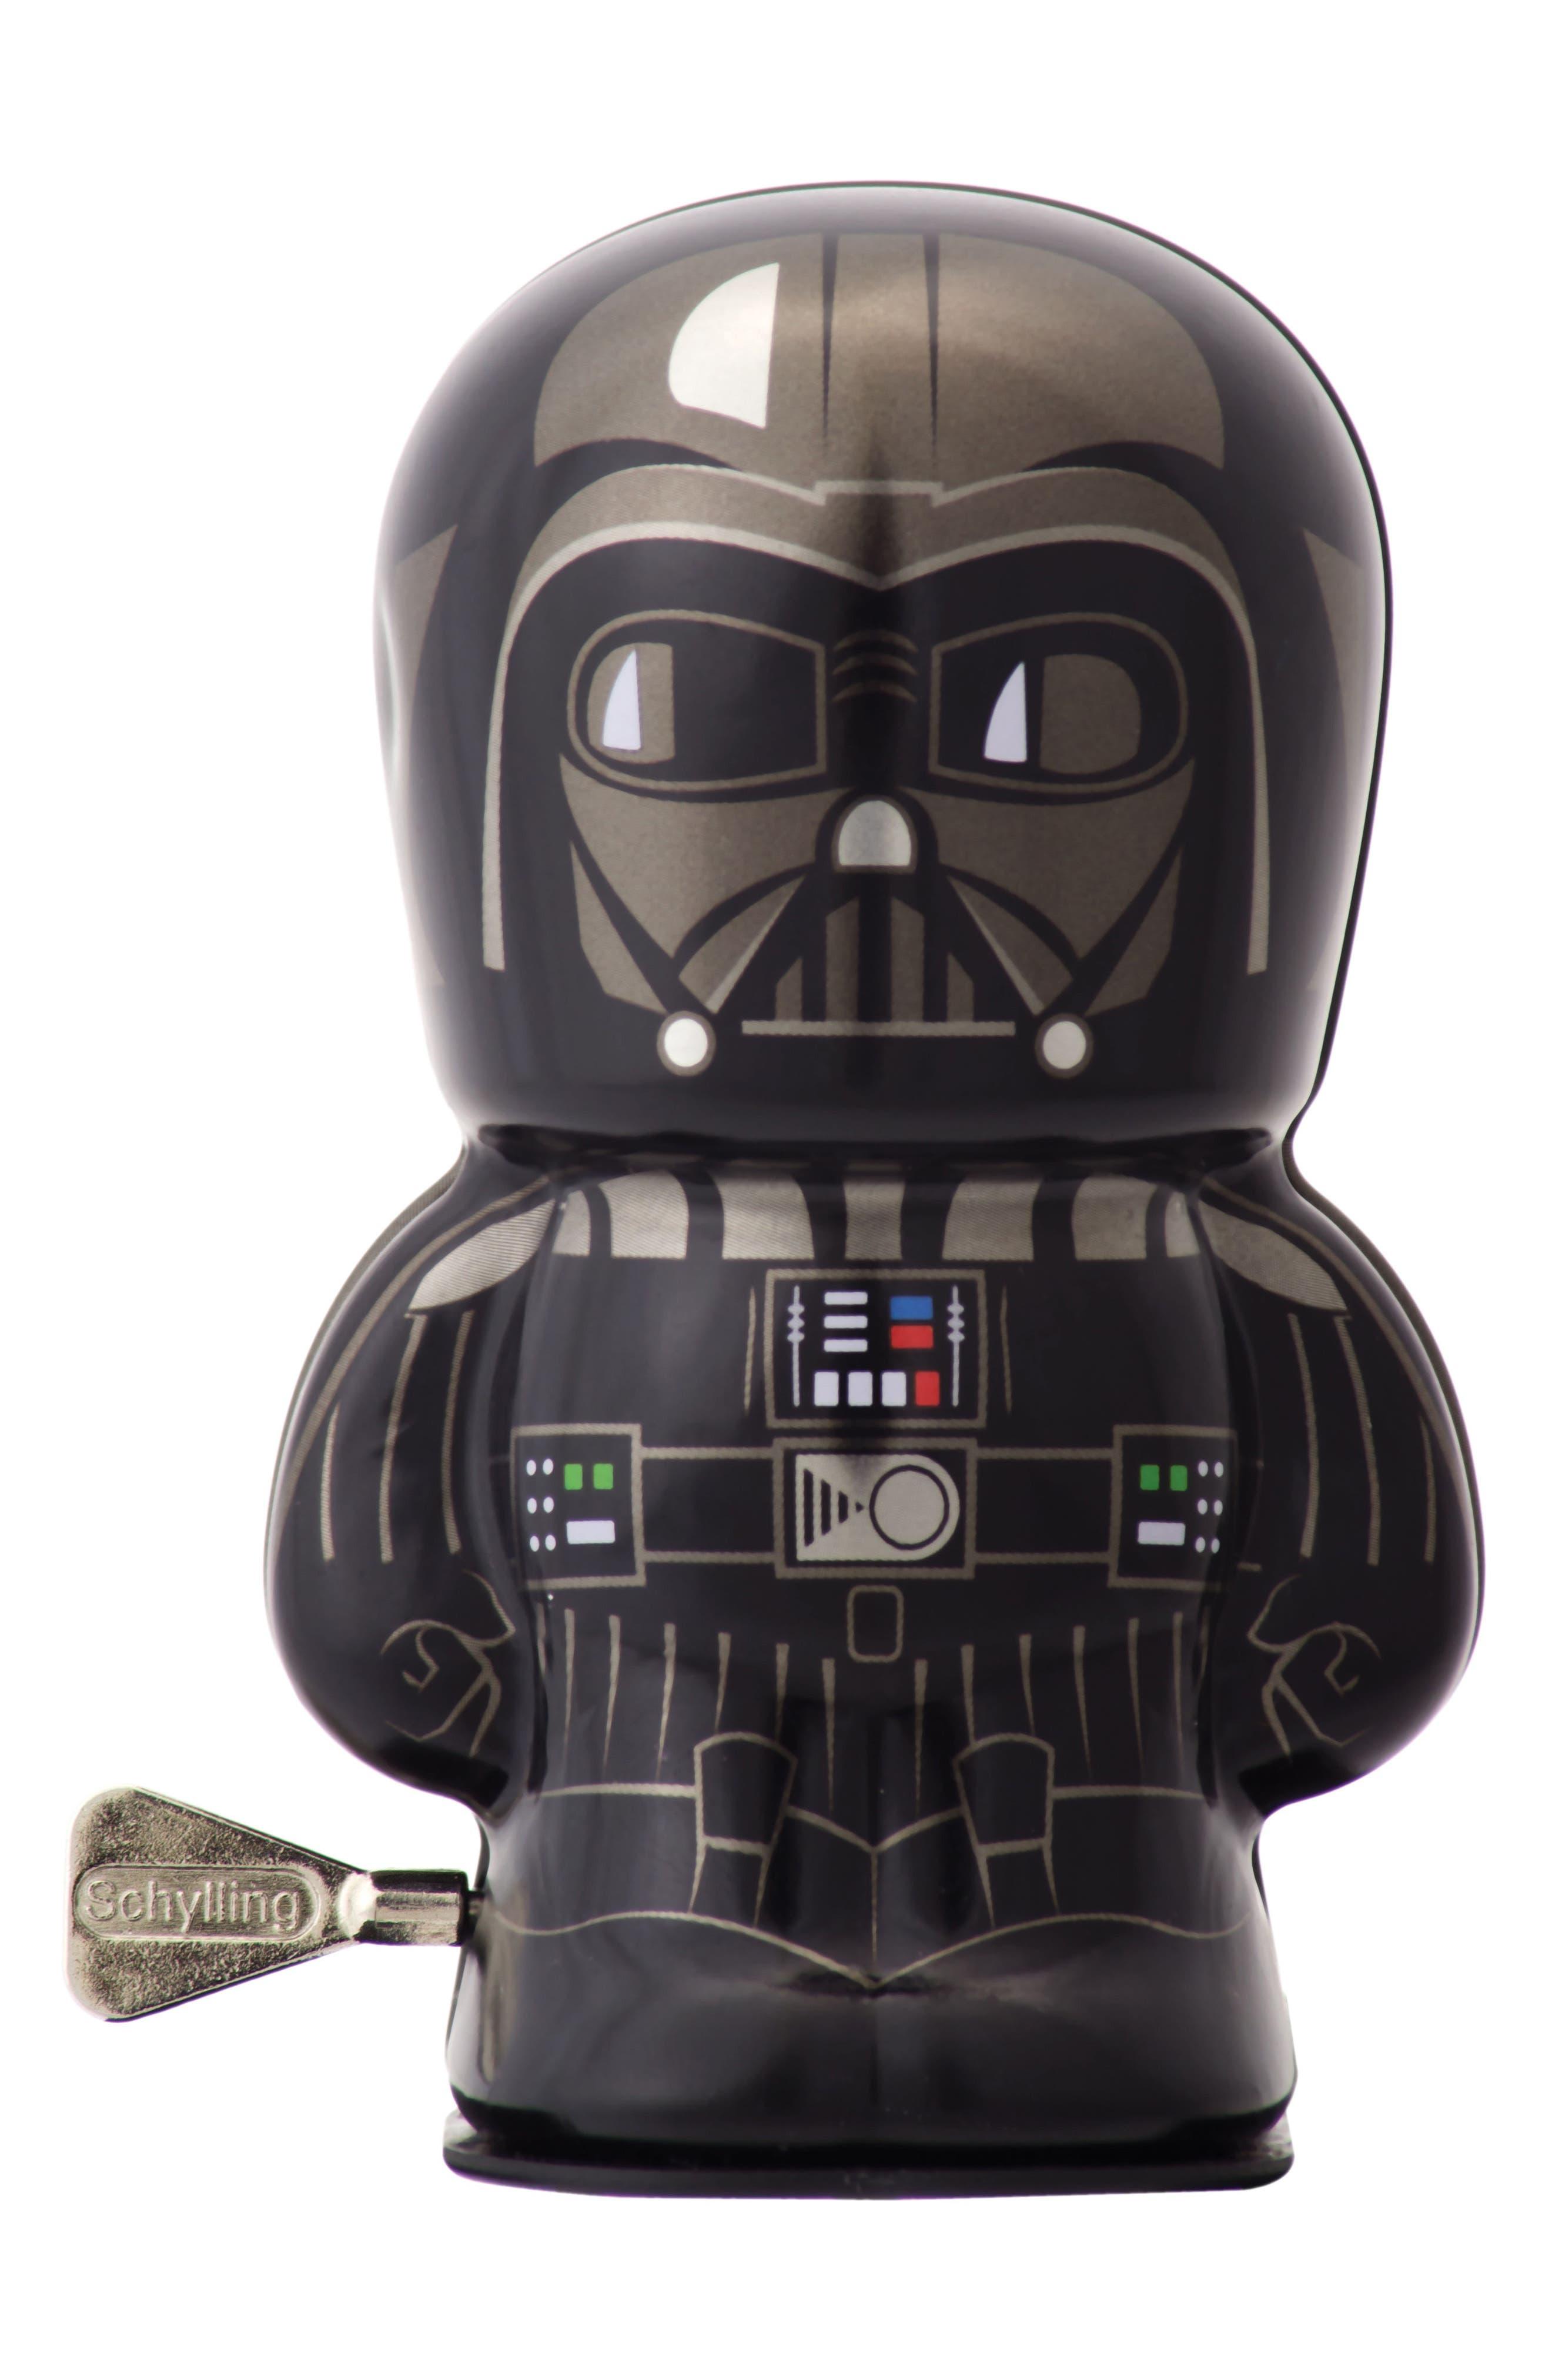 Schylling Star Wars - Darth Vader Wind-Up Toy